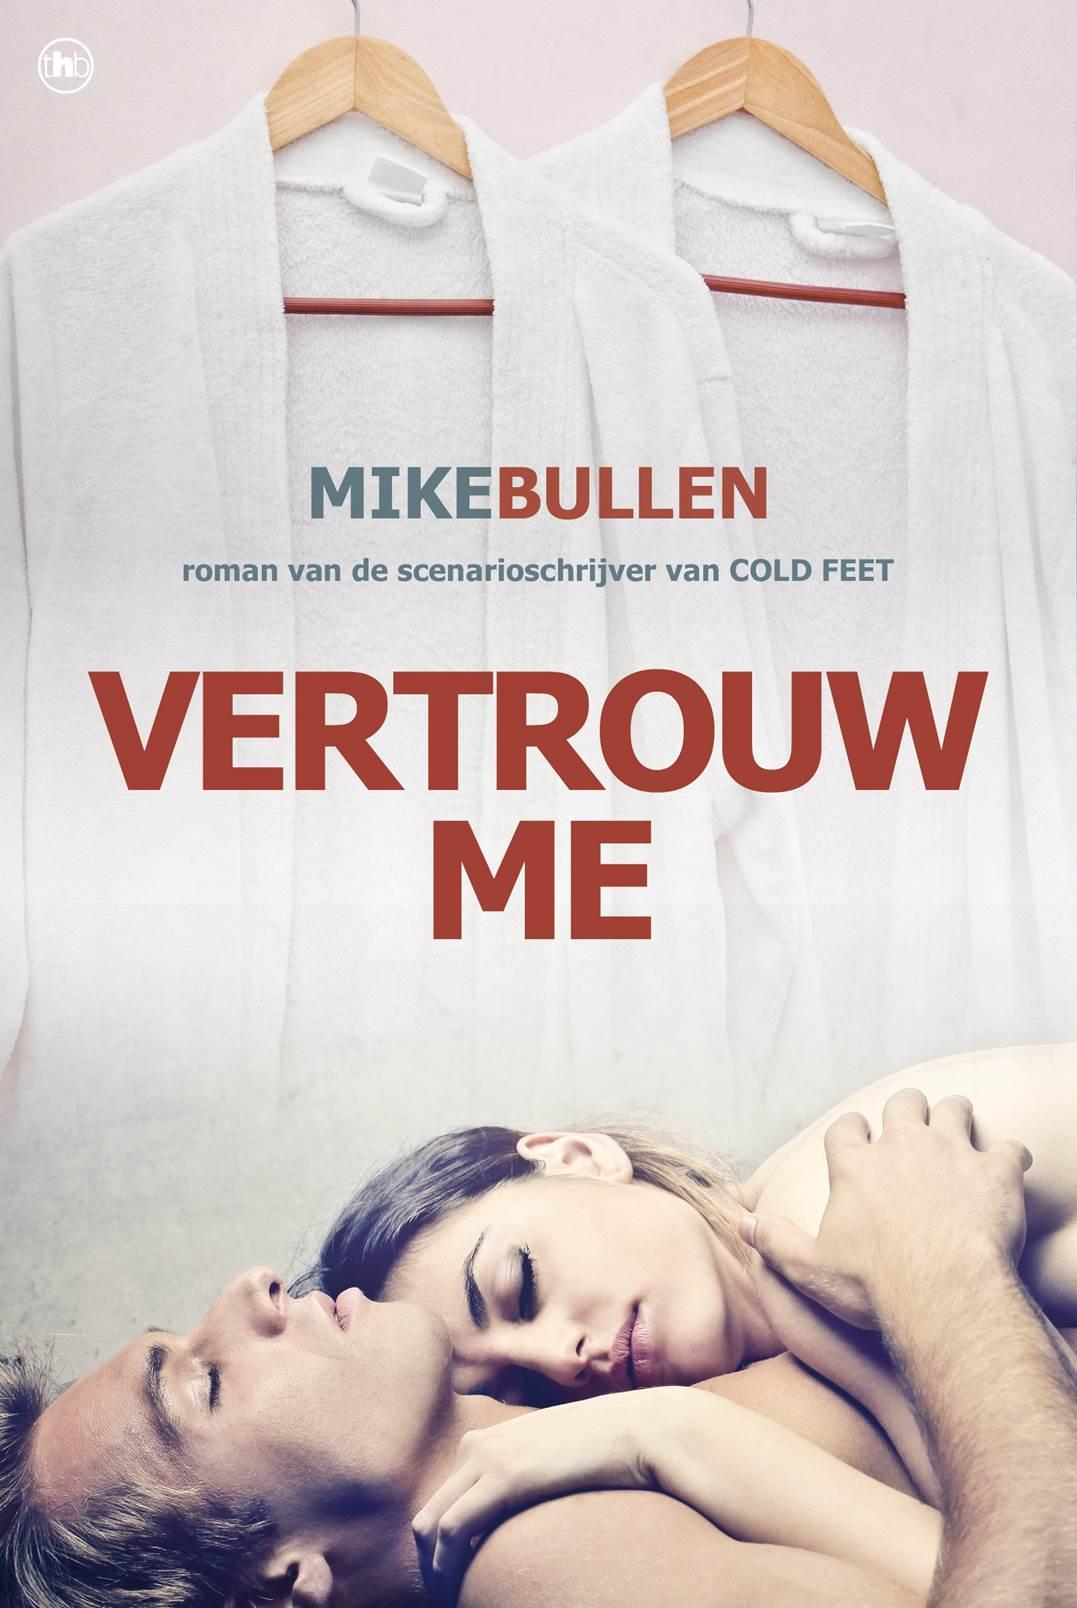 Vertrouw me – Mike Bullen